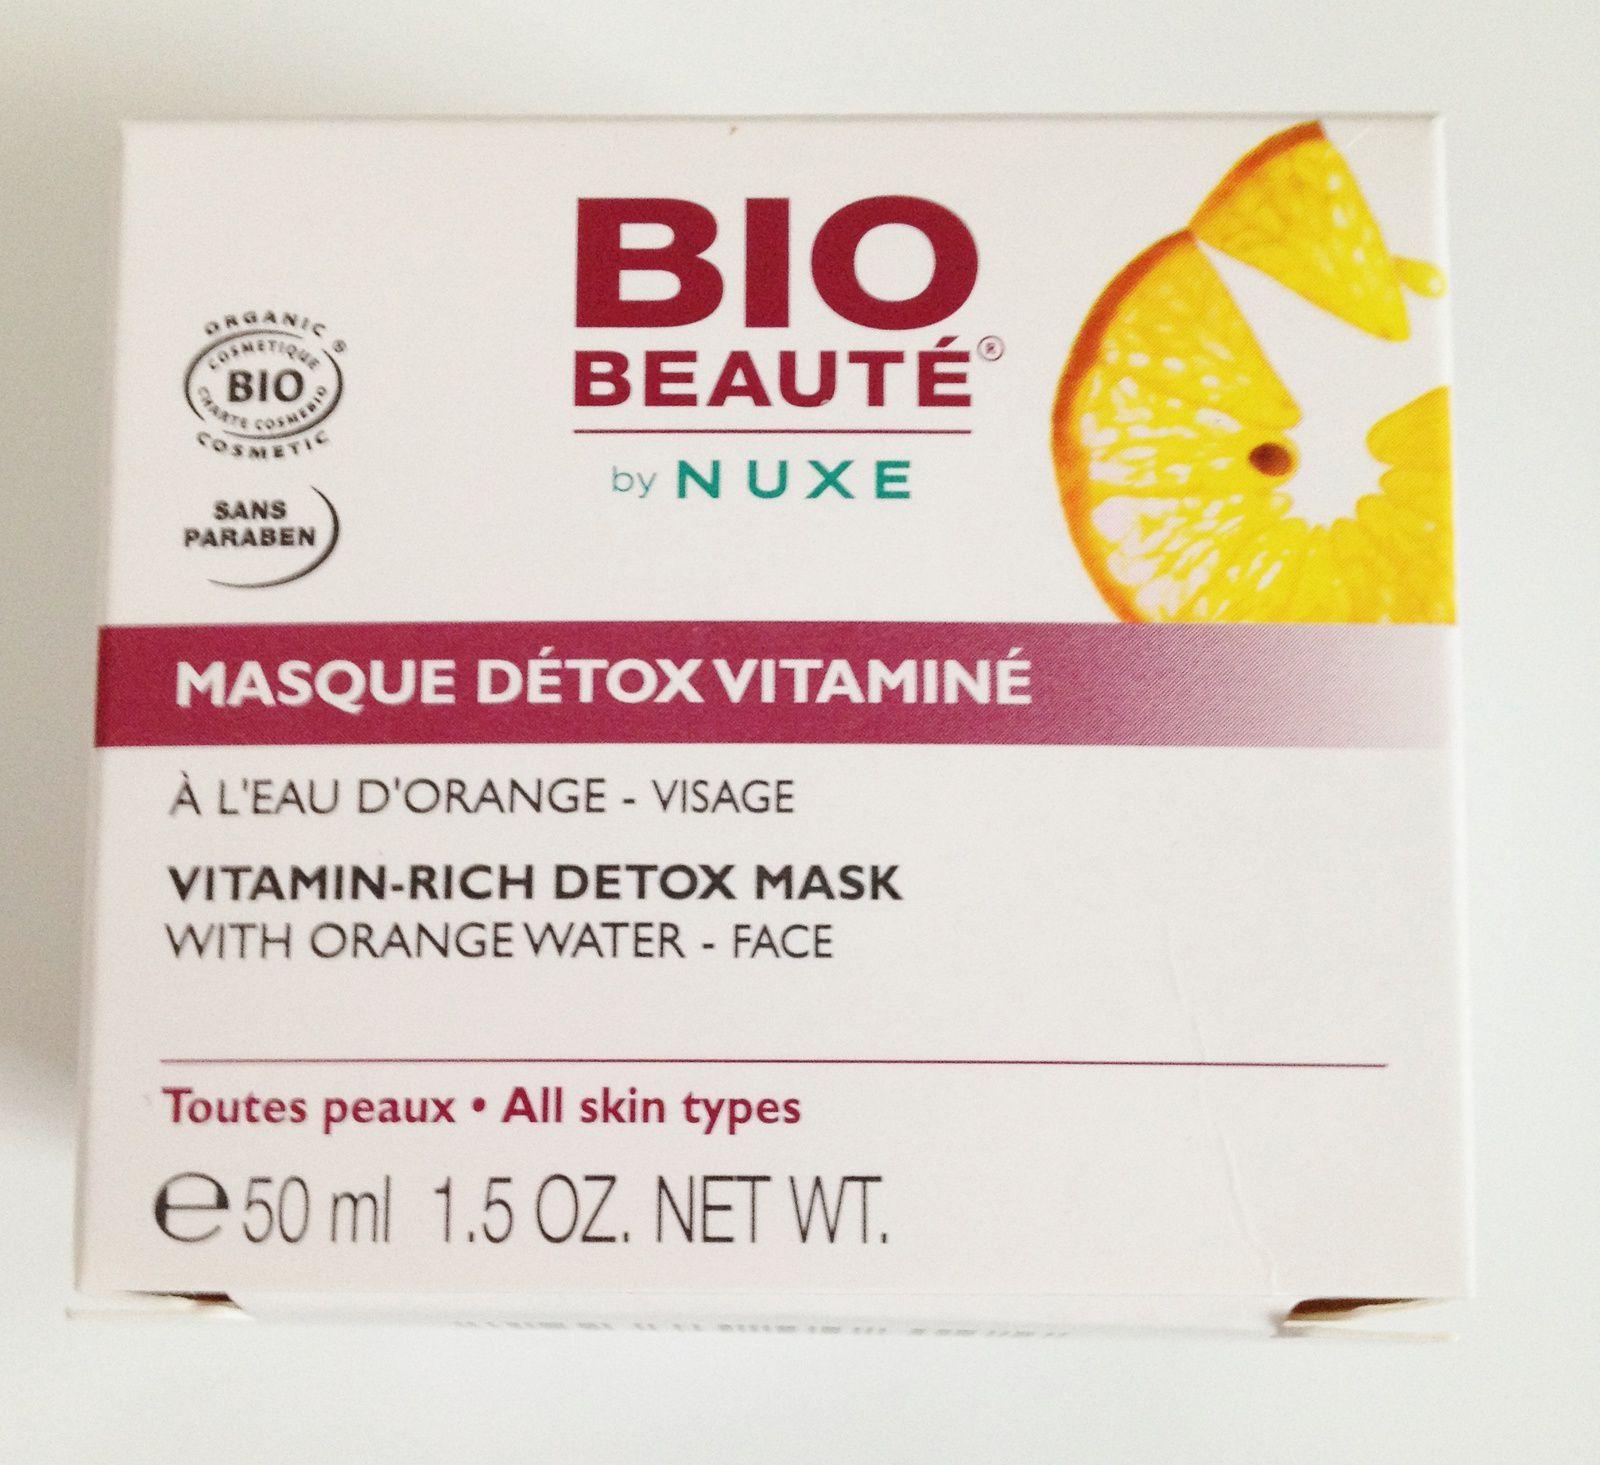 Un masque detox vitaminé à l'eau d'orange de Nuxe. Je suis une inconditionnelle de cette marque. Ce masque convient à toutes les peaux. L'odeur est à tomber. La texture et la couleur me font penser au miel. Je me prendrai limite pour Winnie l'ourson quand il plonge la main dans son pot de miel.